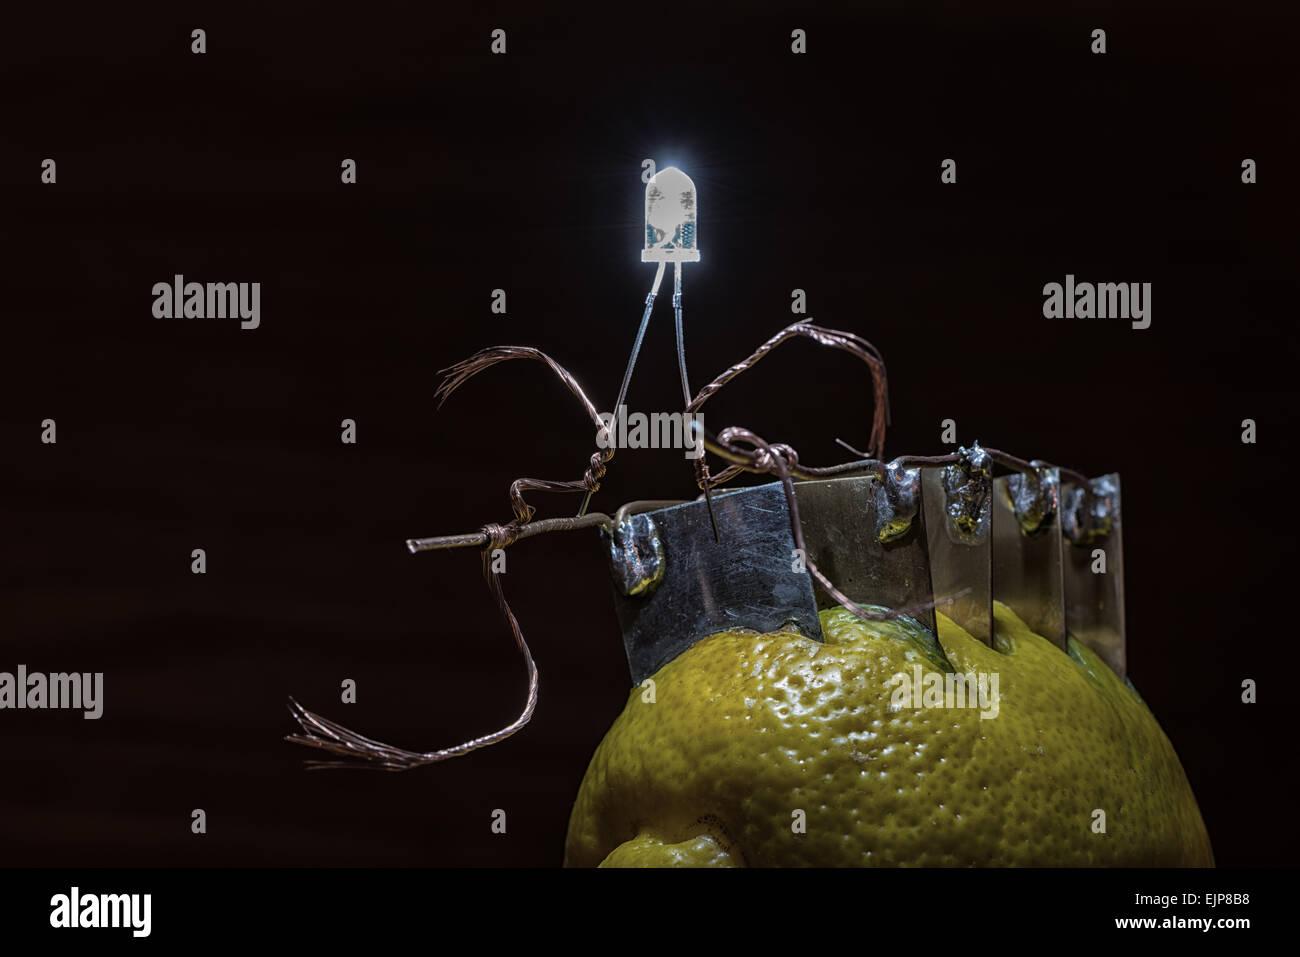 Fuente alternativa de energía corriente eléctrica de limón proporciona una tensión y energía Imagen De Stock